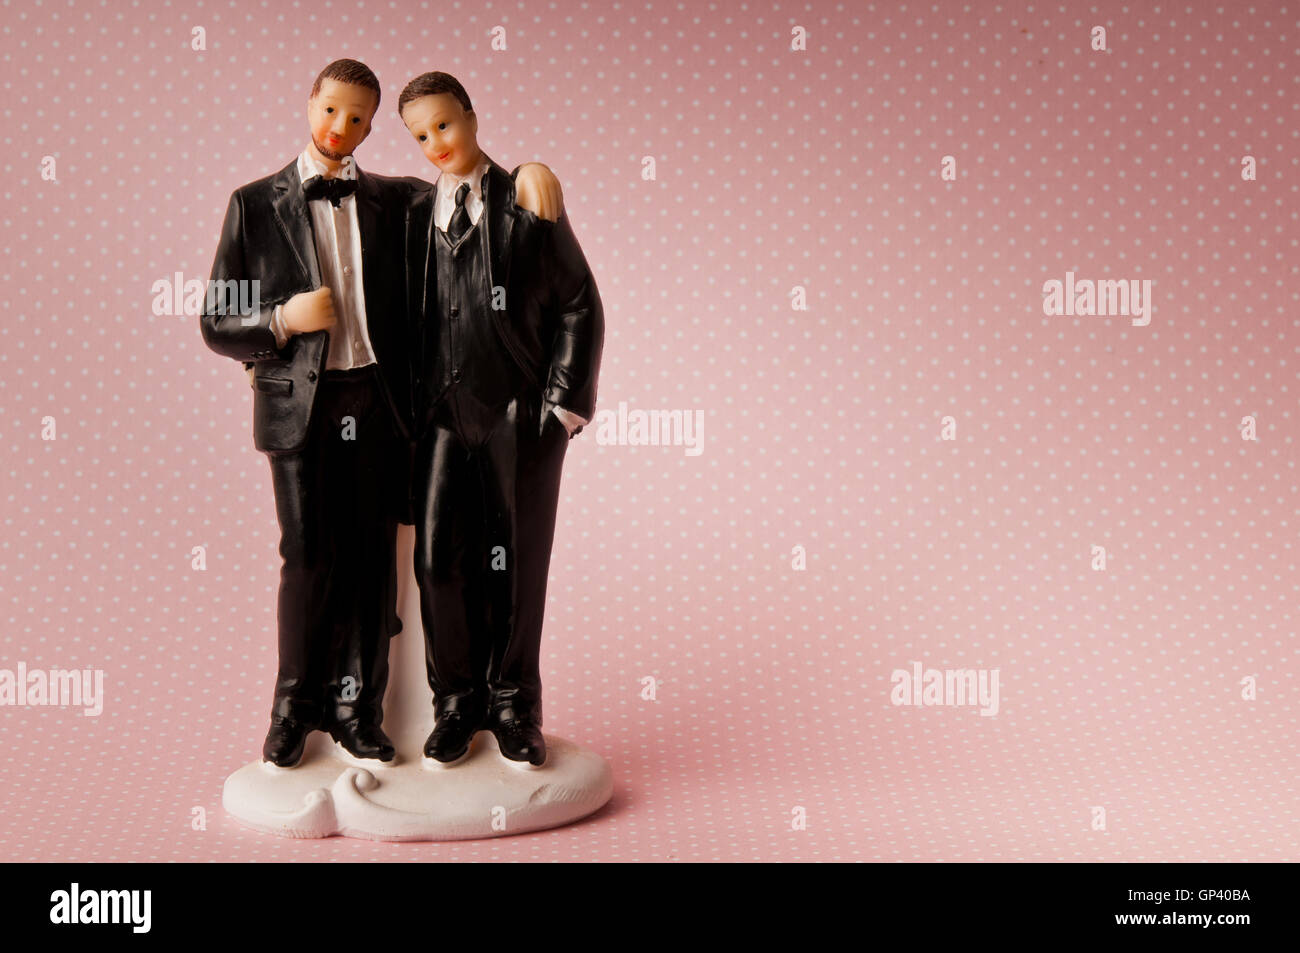 Gay Wedding Imágenes De Stock & Gay Wedding Fotos De Stock - Alamy